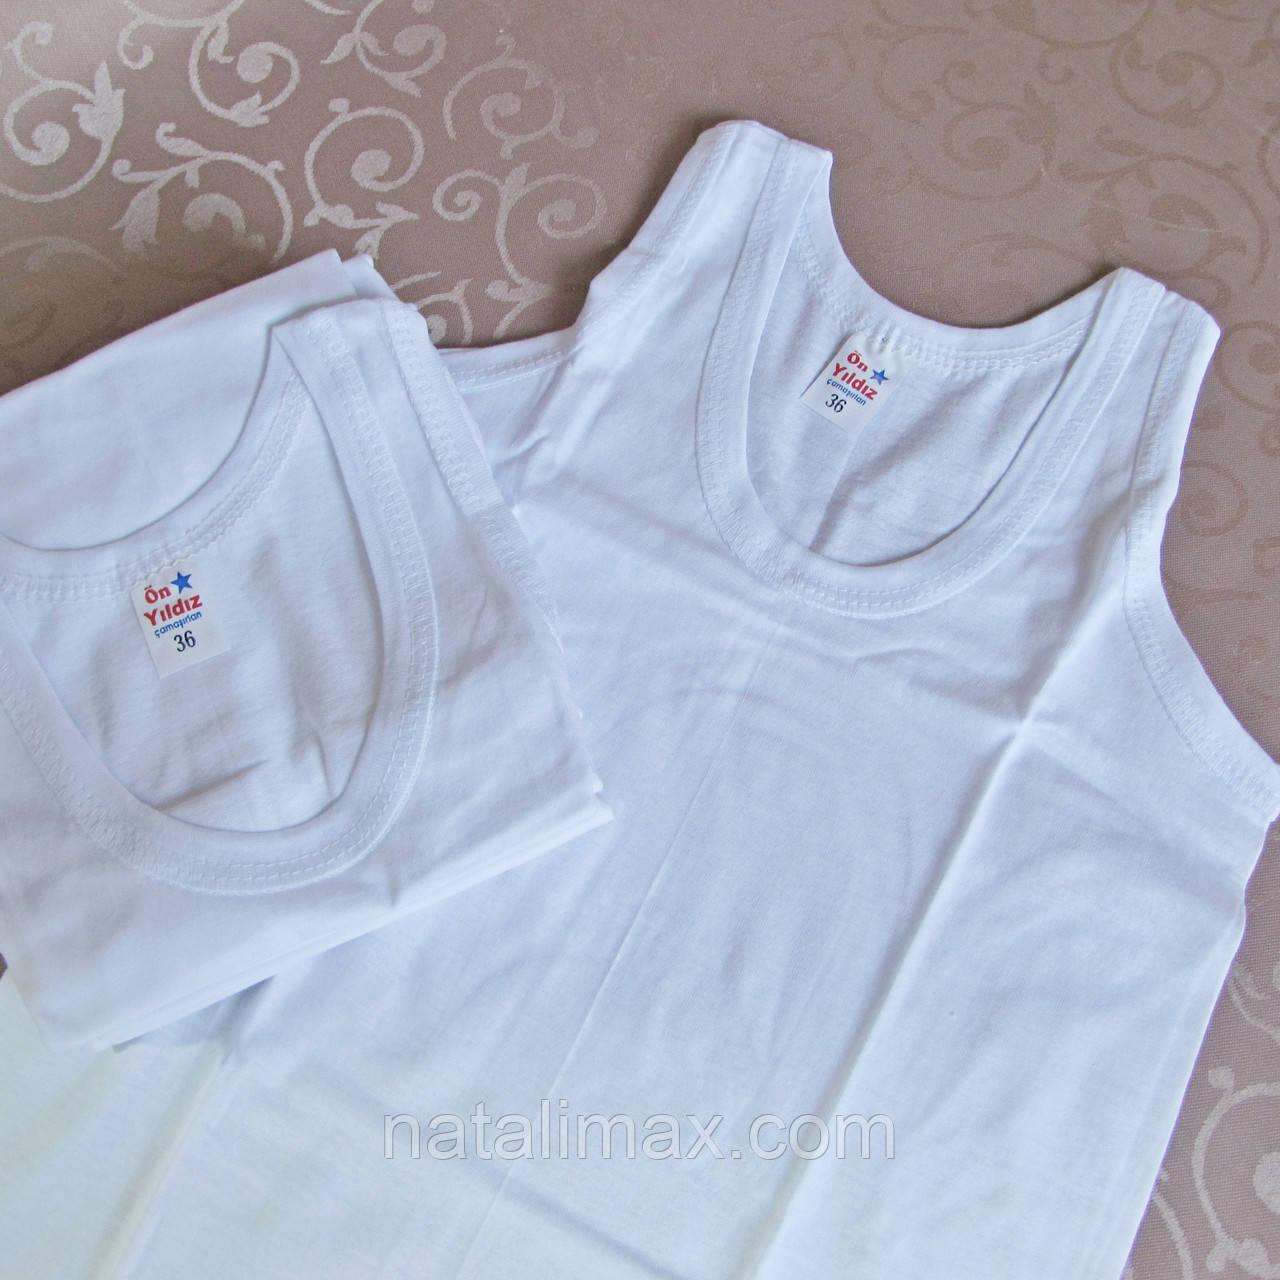 Майка белая бельевая для мальчика- РОСТОВКА - 6 шт.  Турция.  Купить майки, футболки, белье